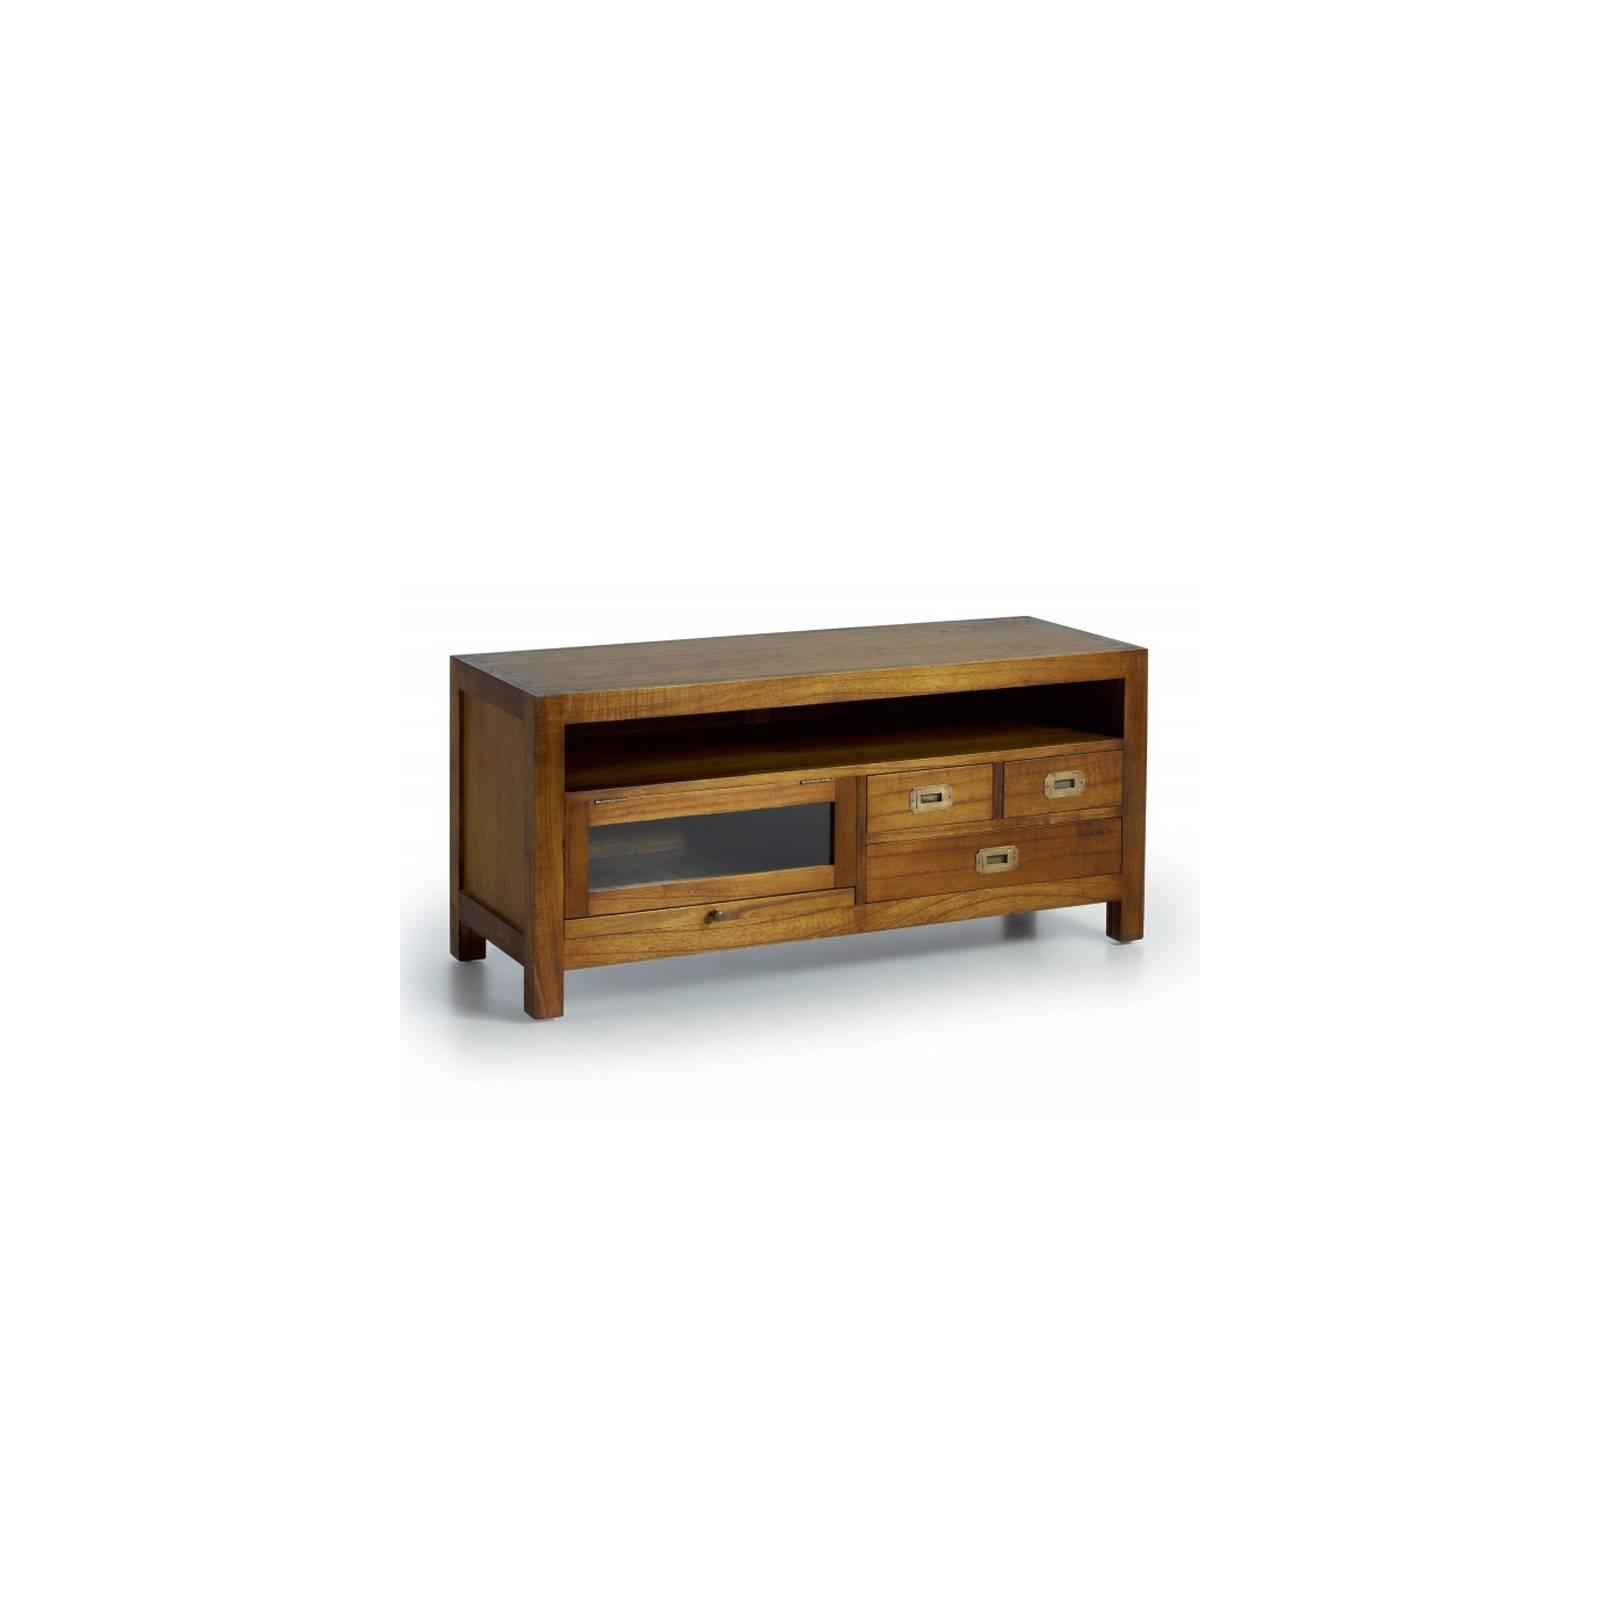 Meuble Tv Porte Vitrée Tali Mindy - meuble bois exotique